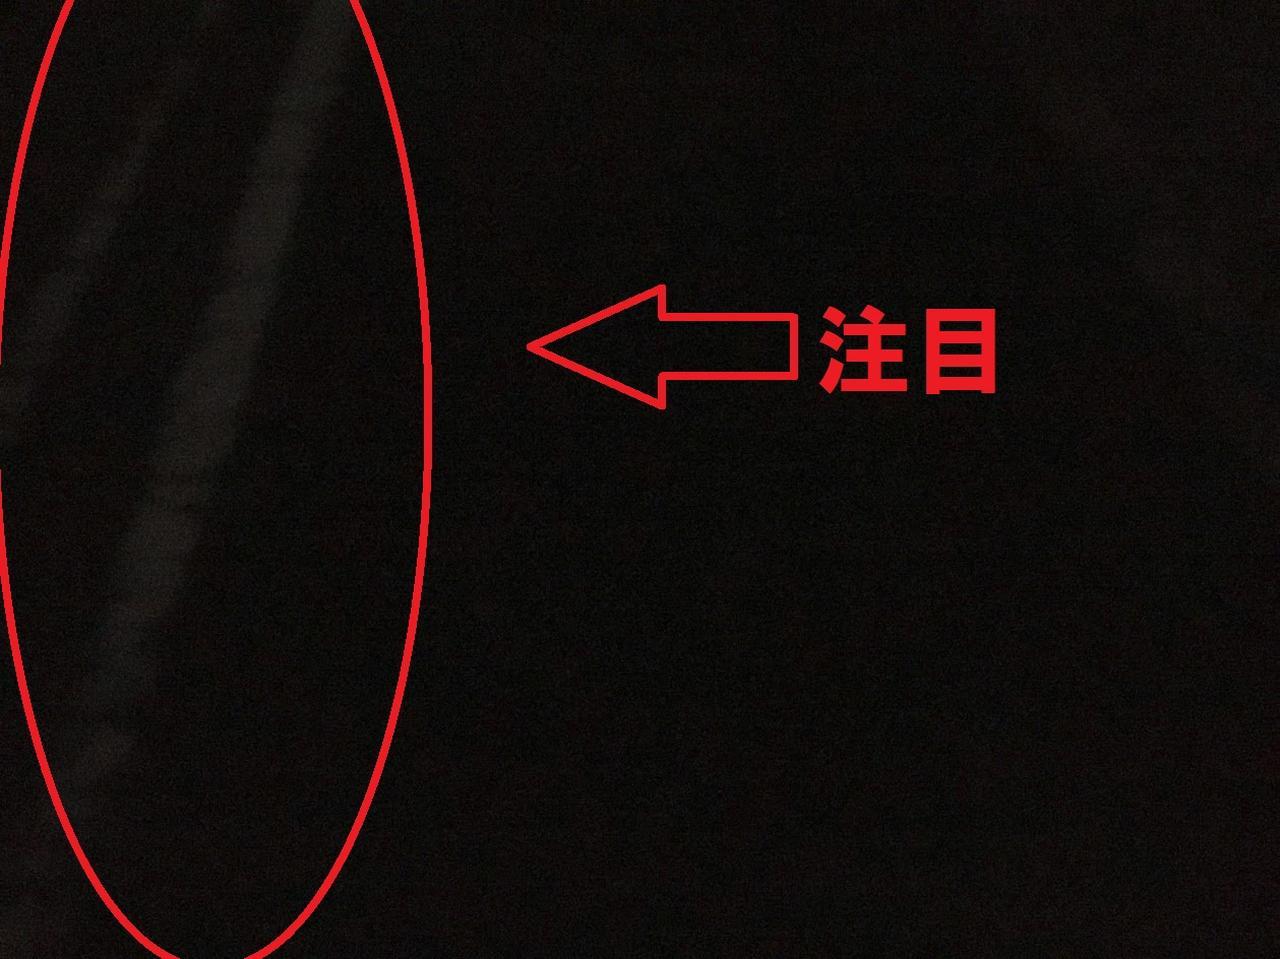 画像: 筆者撮影 「20:00頃 自宅駐車スペースの写真」※光源無しの状態(白線に注目)